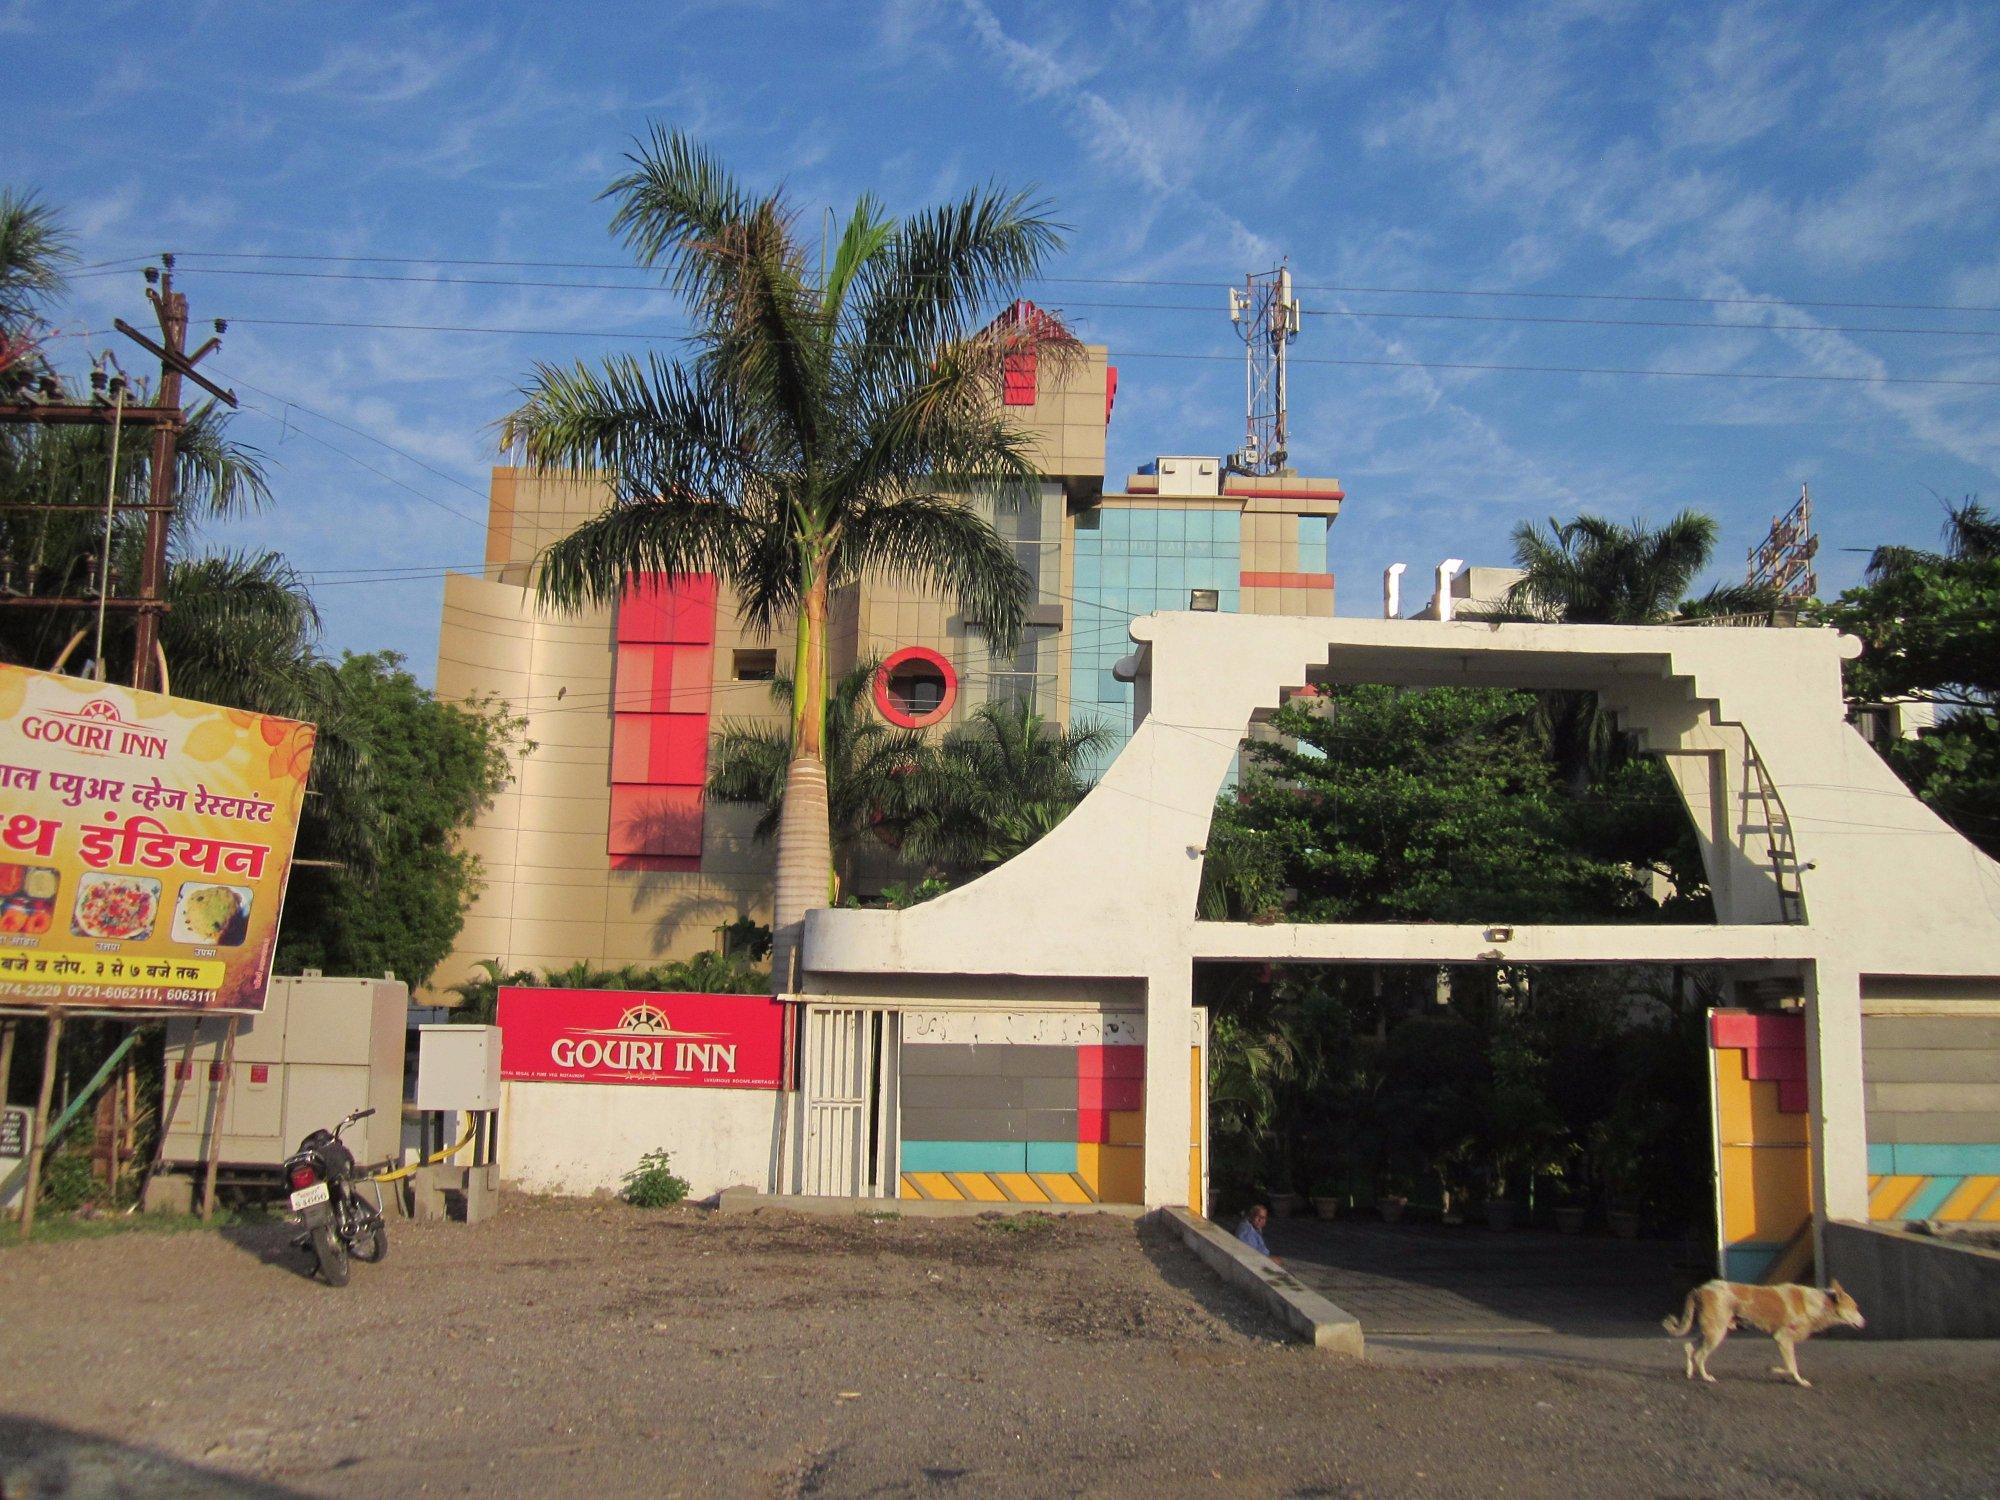 Gouri Inn